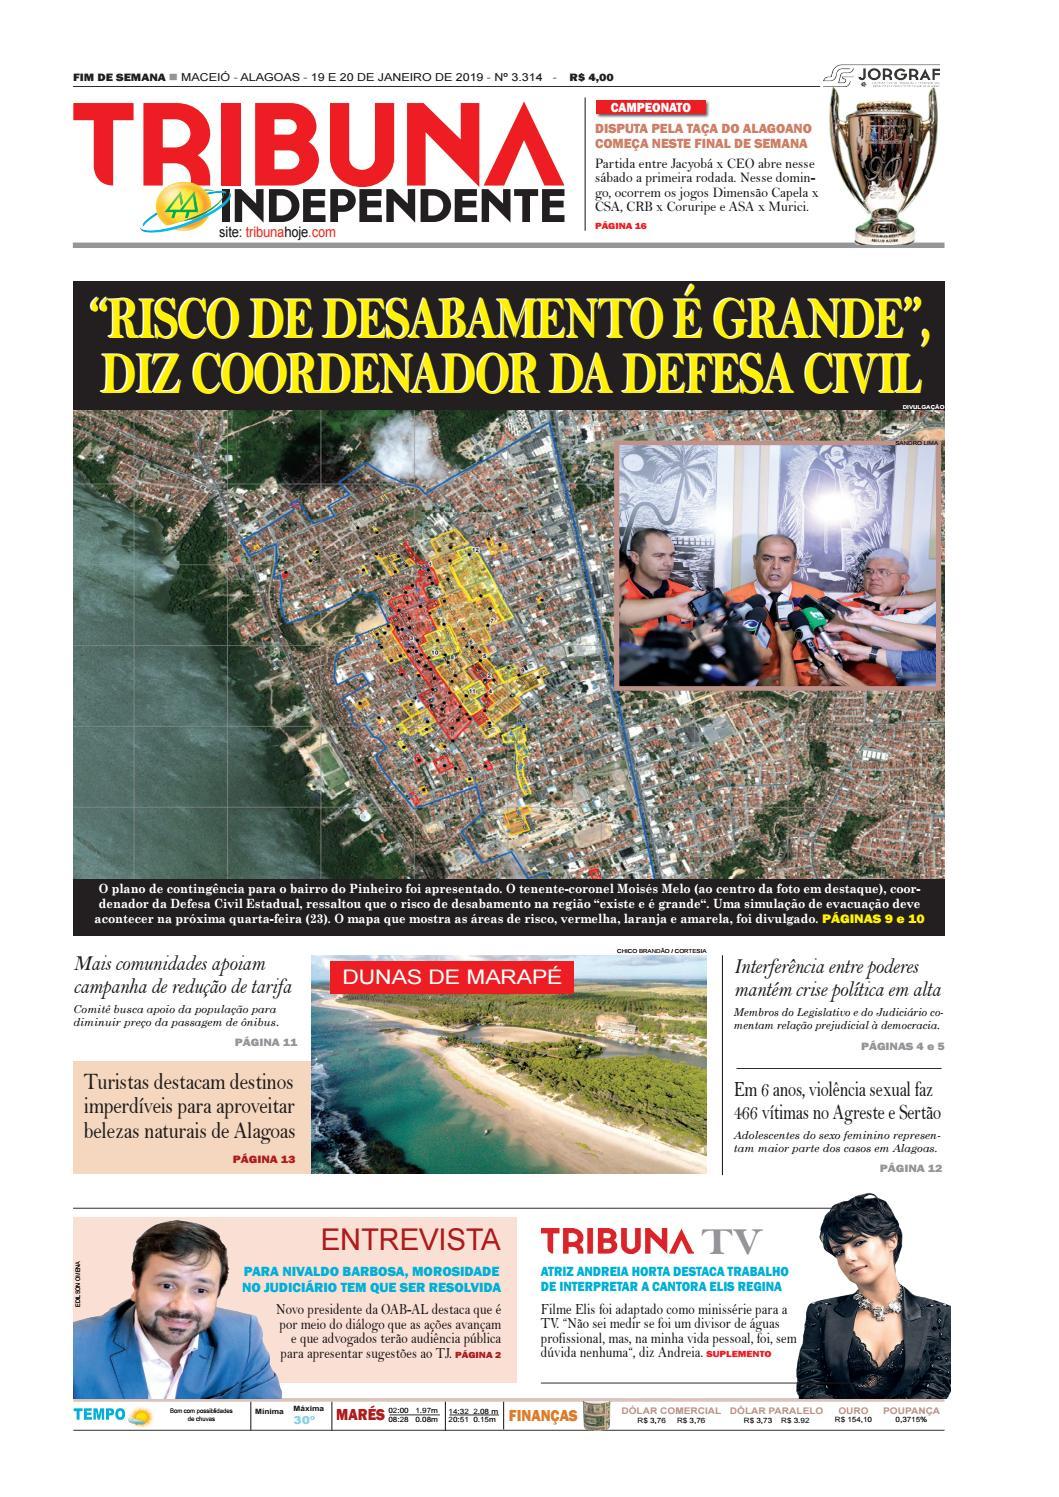 03966c9de7 Edição número 3314 - 19 e 20 de janeiro de 2019 by Tribuna Hoje - issuu